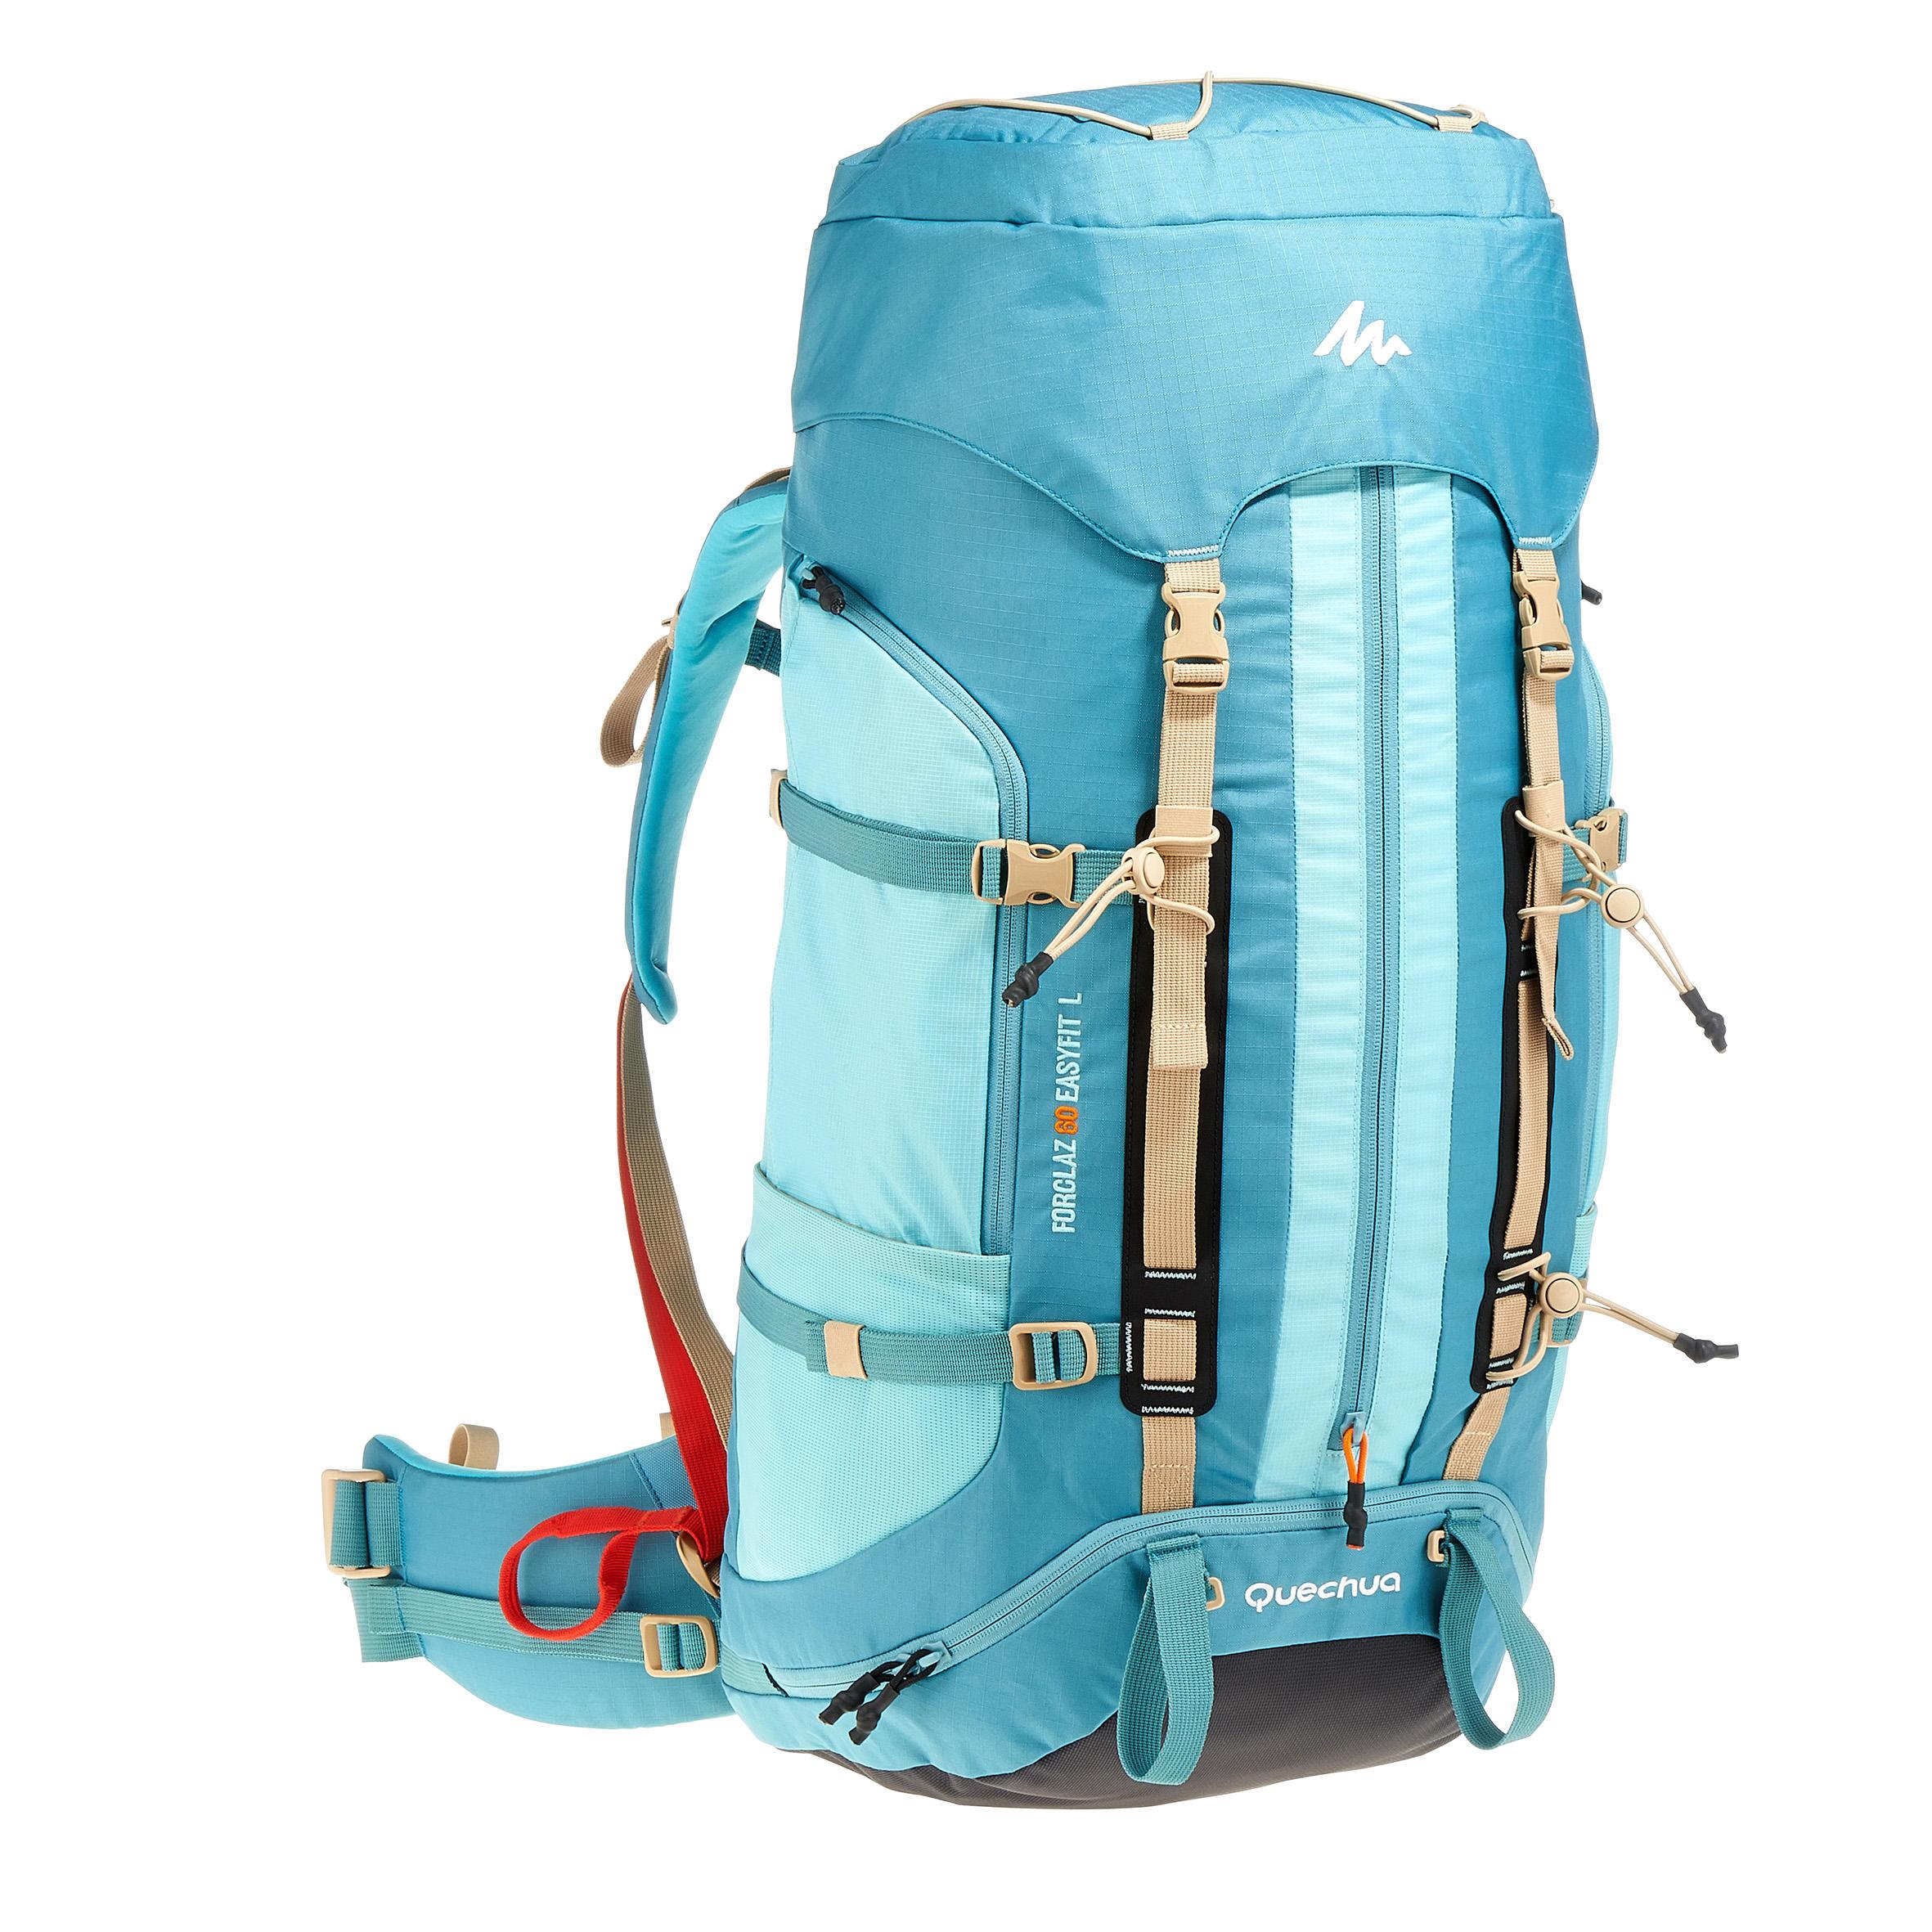 Sac à dos de randonnée sur plusieurs jours Easyfit femme 60 litres bleu